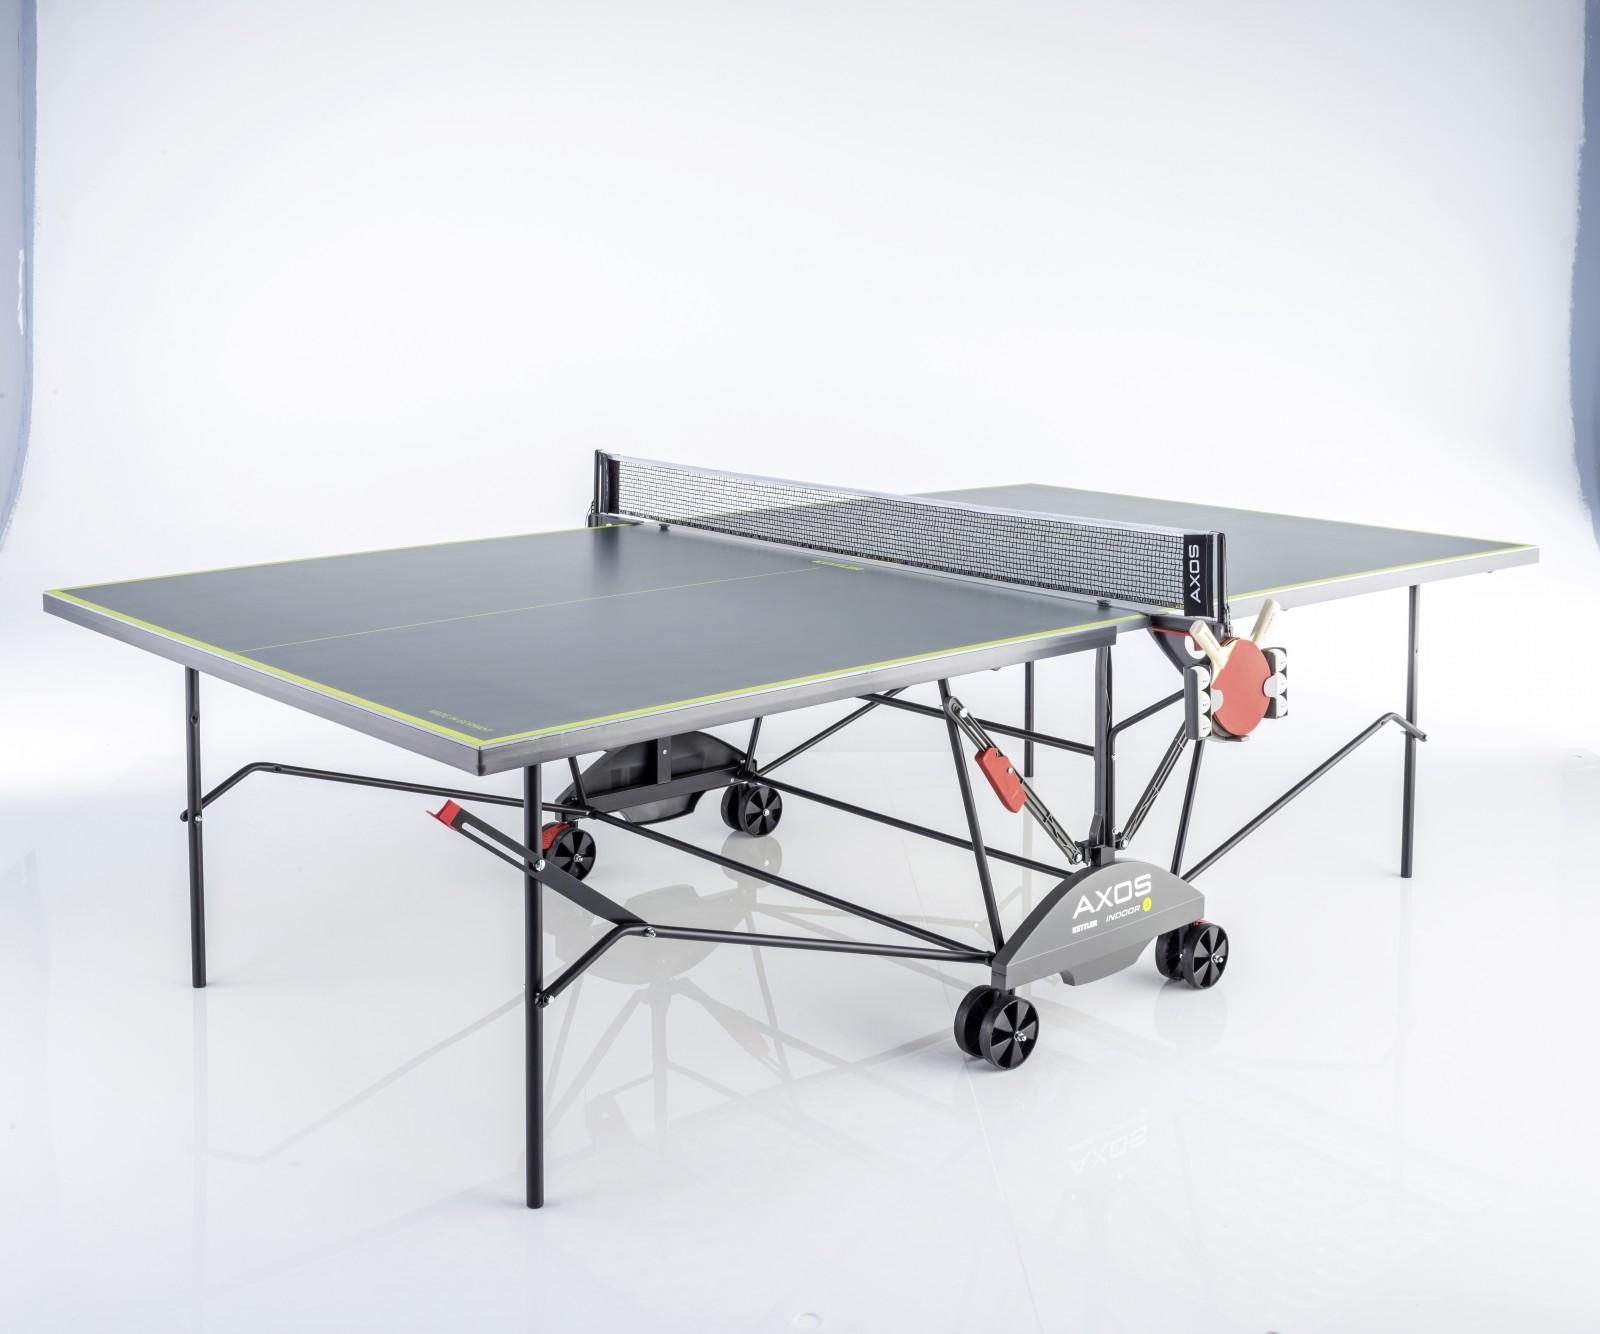 kettler tischtennisplatte axos indoor 3 kaufen mit 15. Black Bedroom Furniture Sets. Home Design Ideas